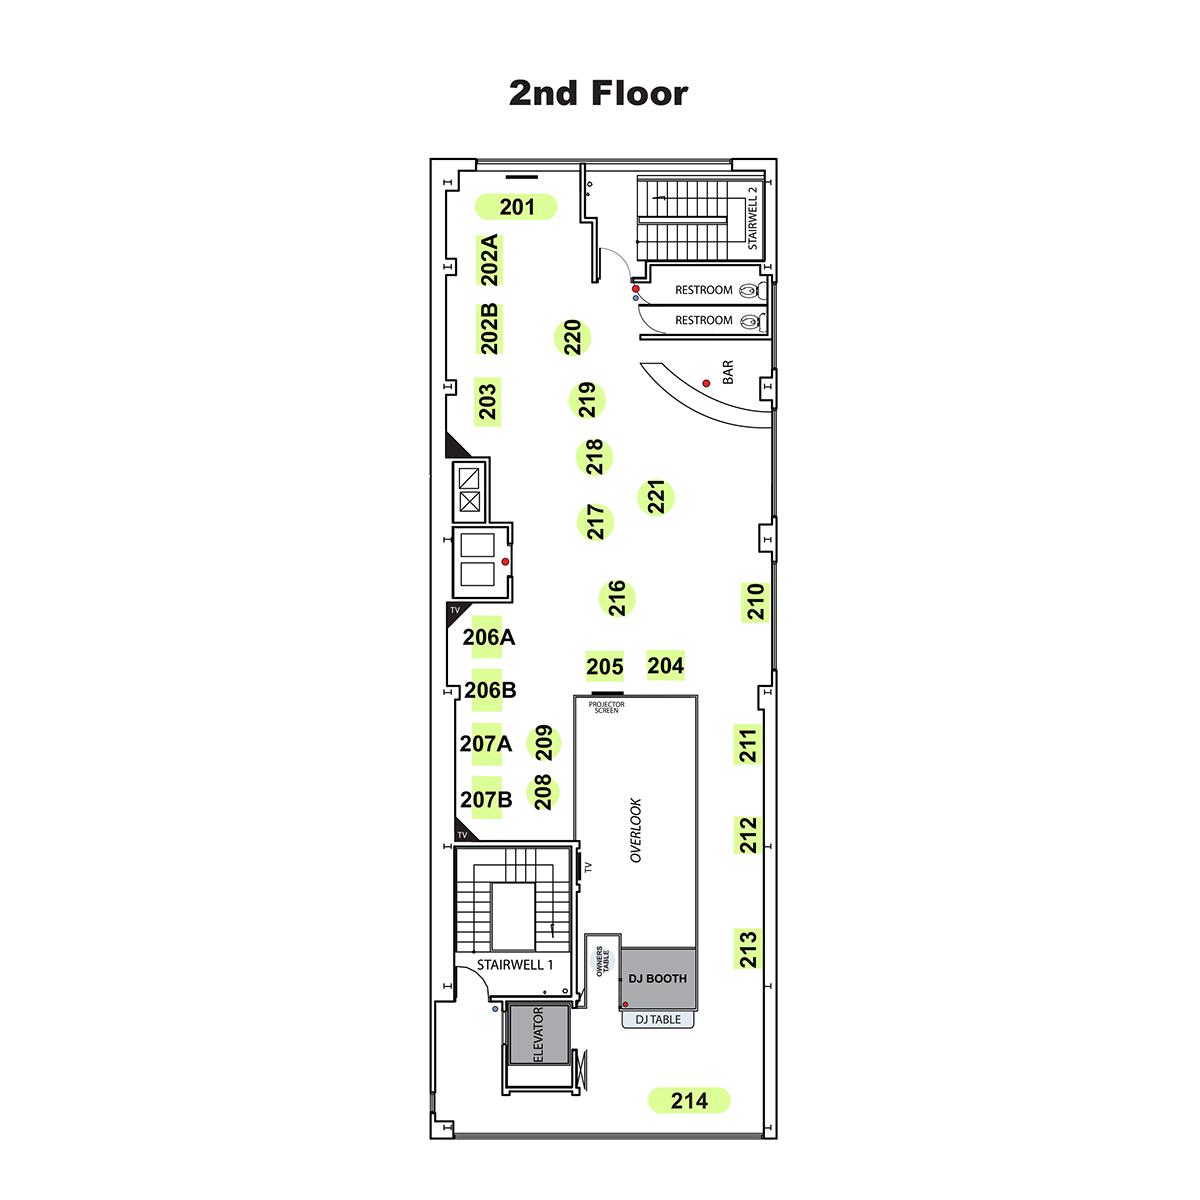 Dinner Floor Plan Aug 2018 2.jpg